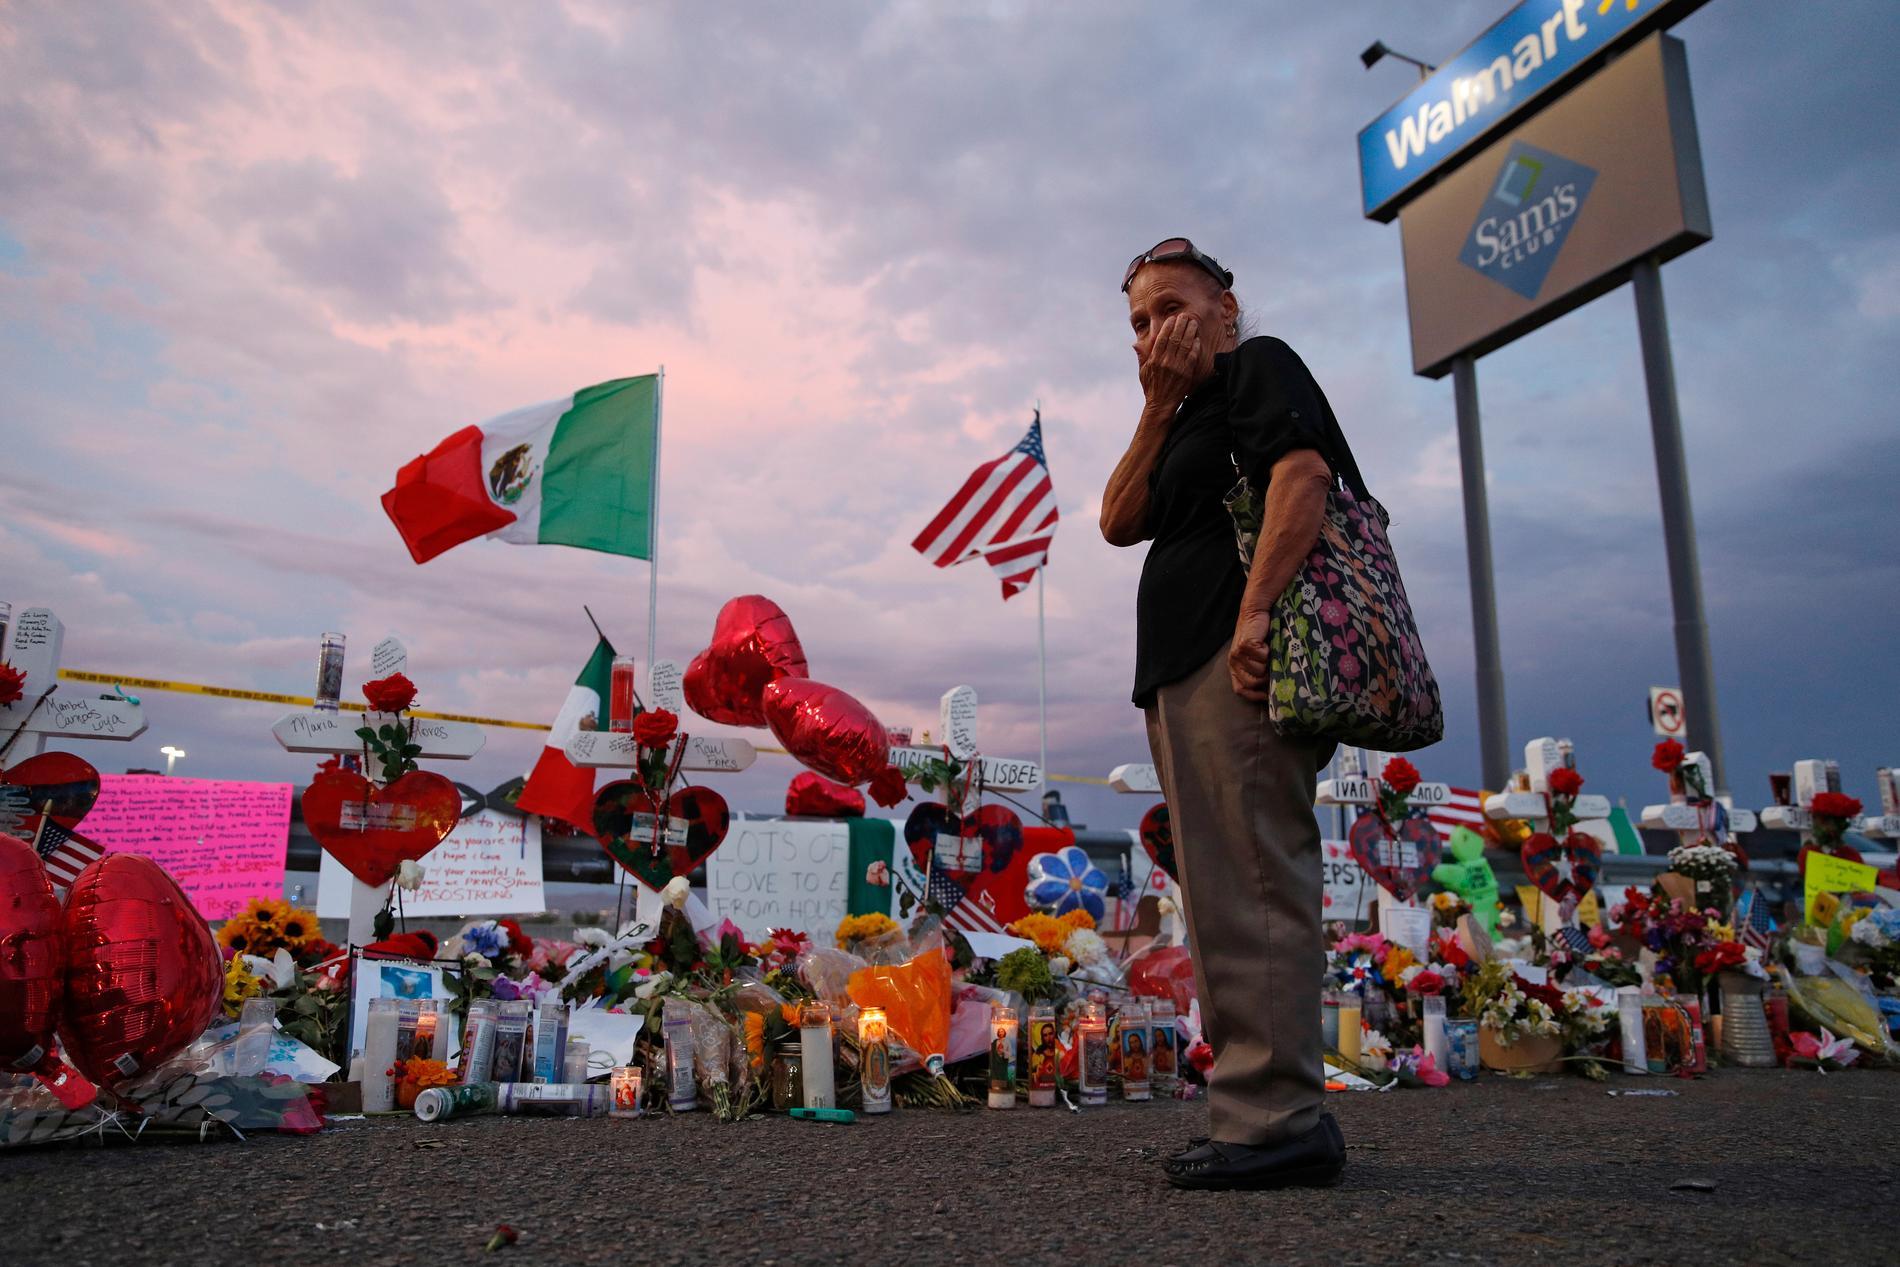 28 personer har gripits misstänkta för planer på att genomföra masskjutningar liknande de i El Paso och Dayton.